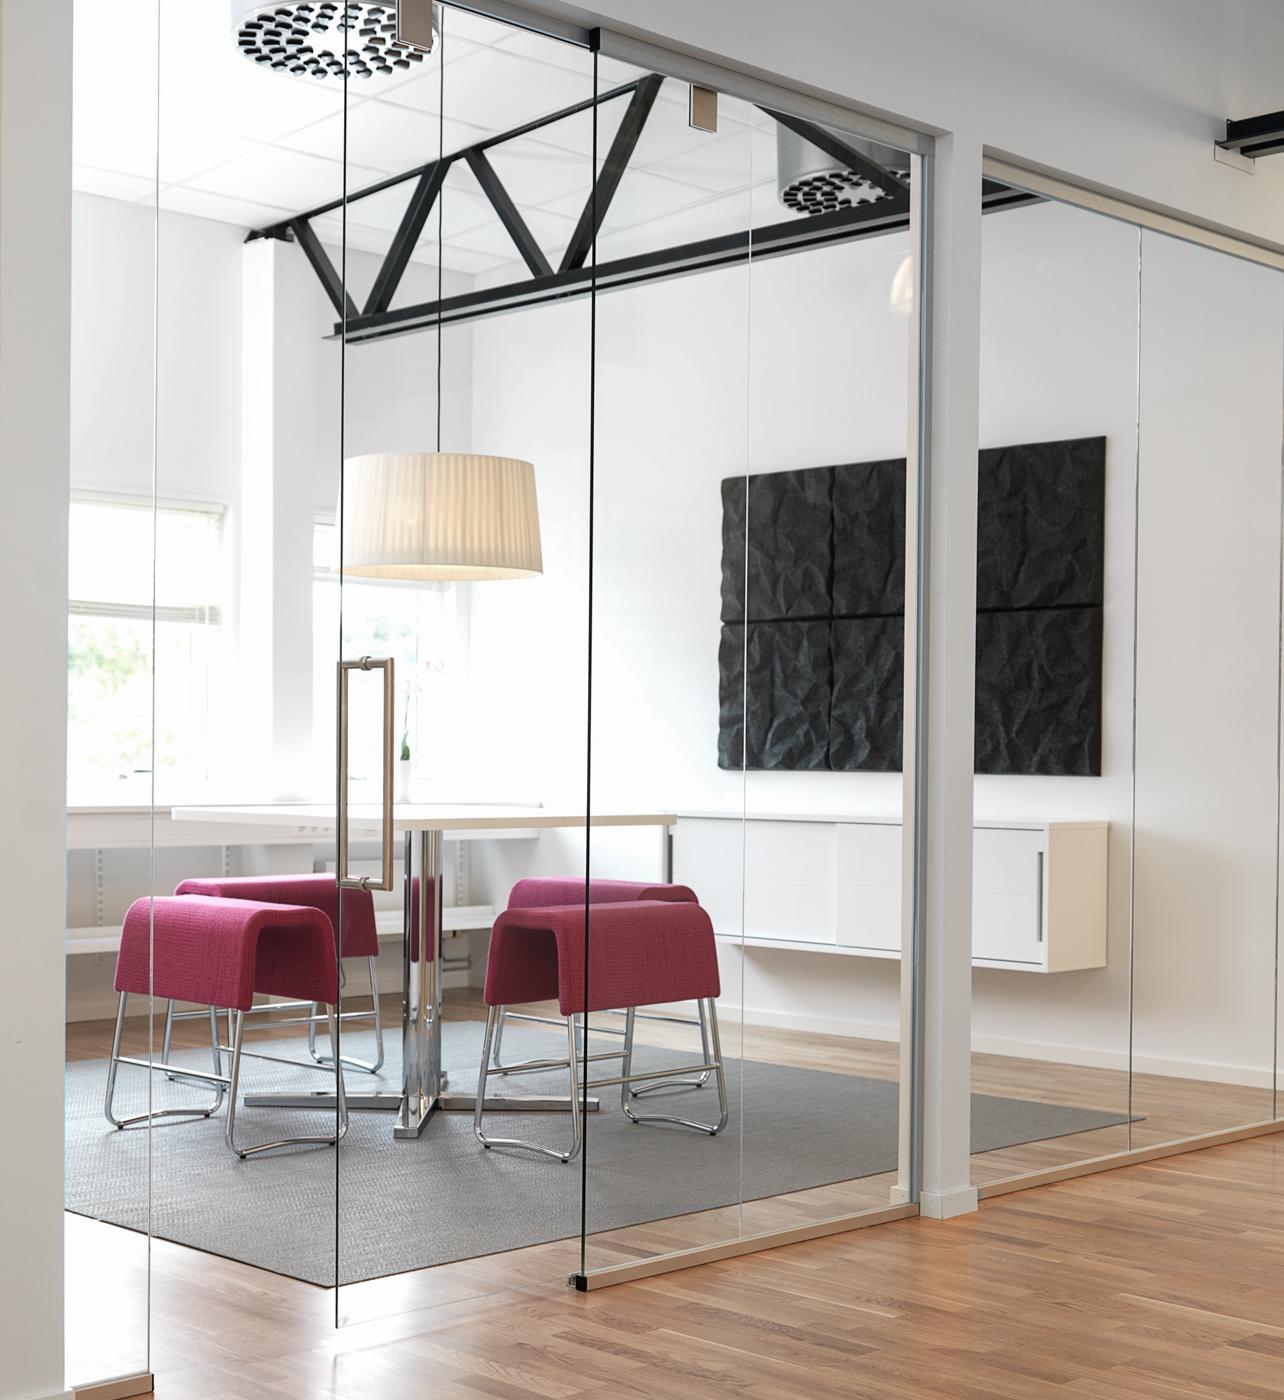 Mötesrum med akustiktak och ljudabsorbent på vägg.